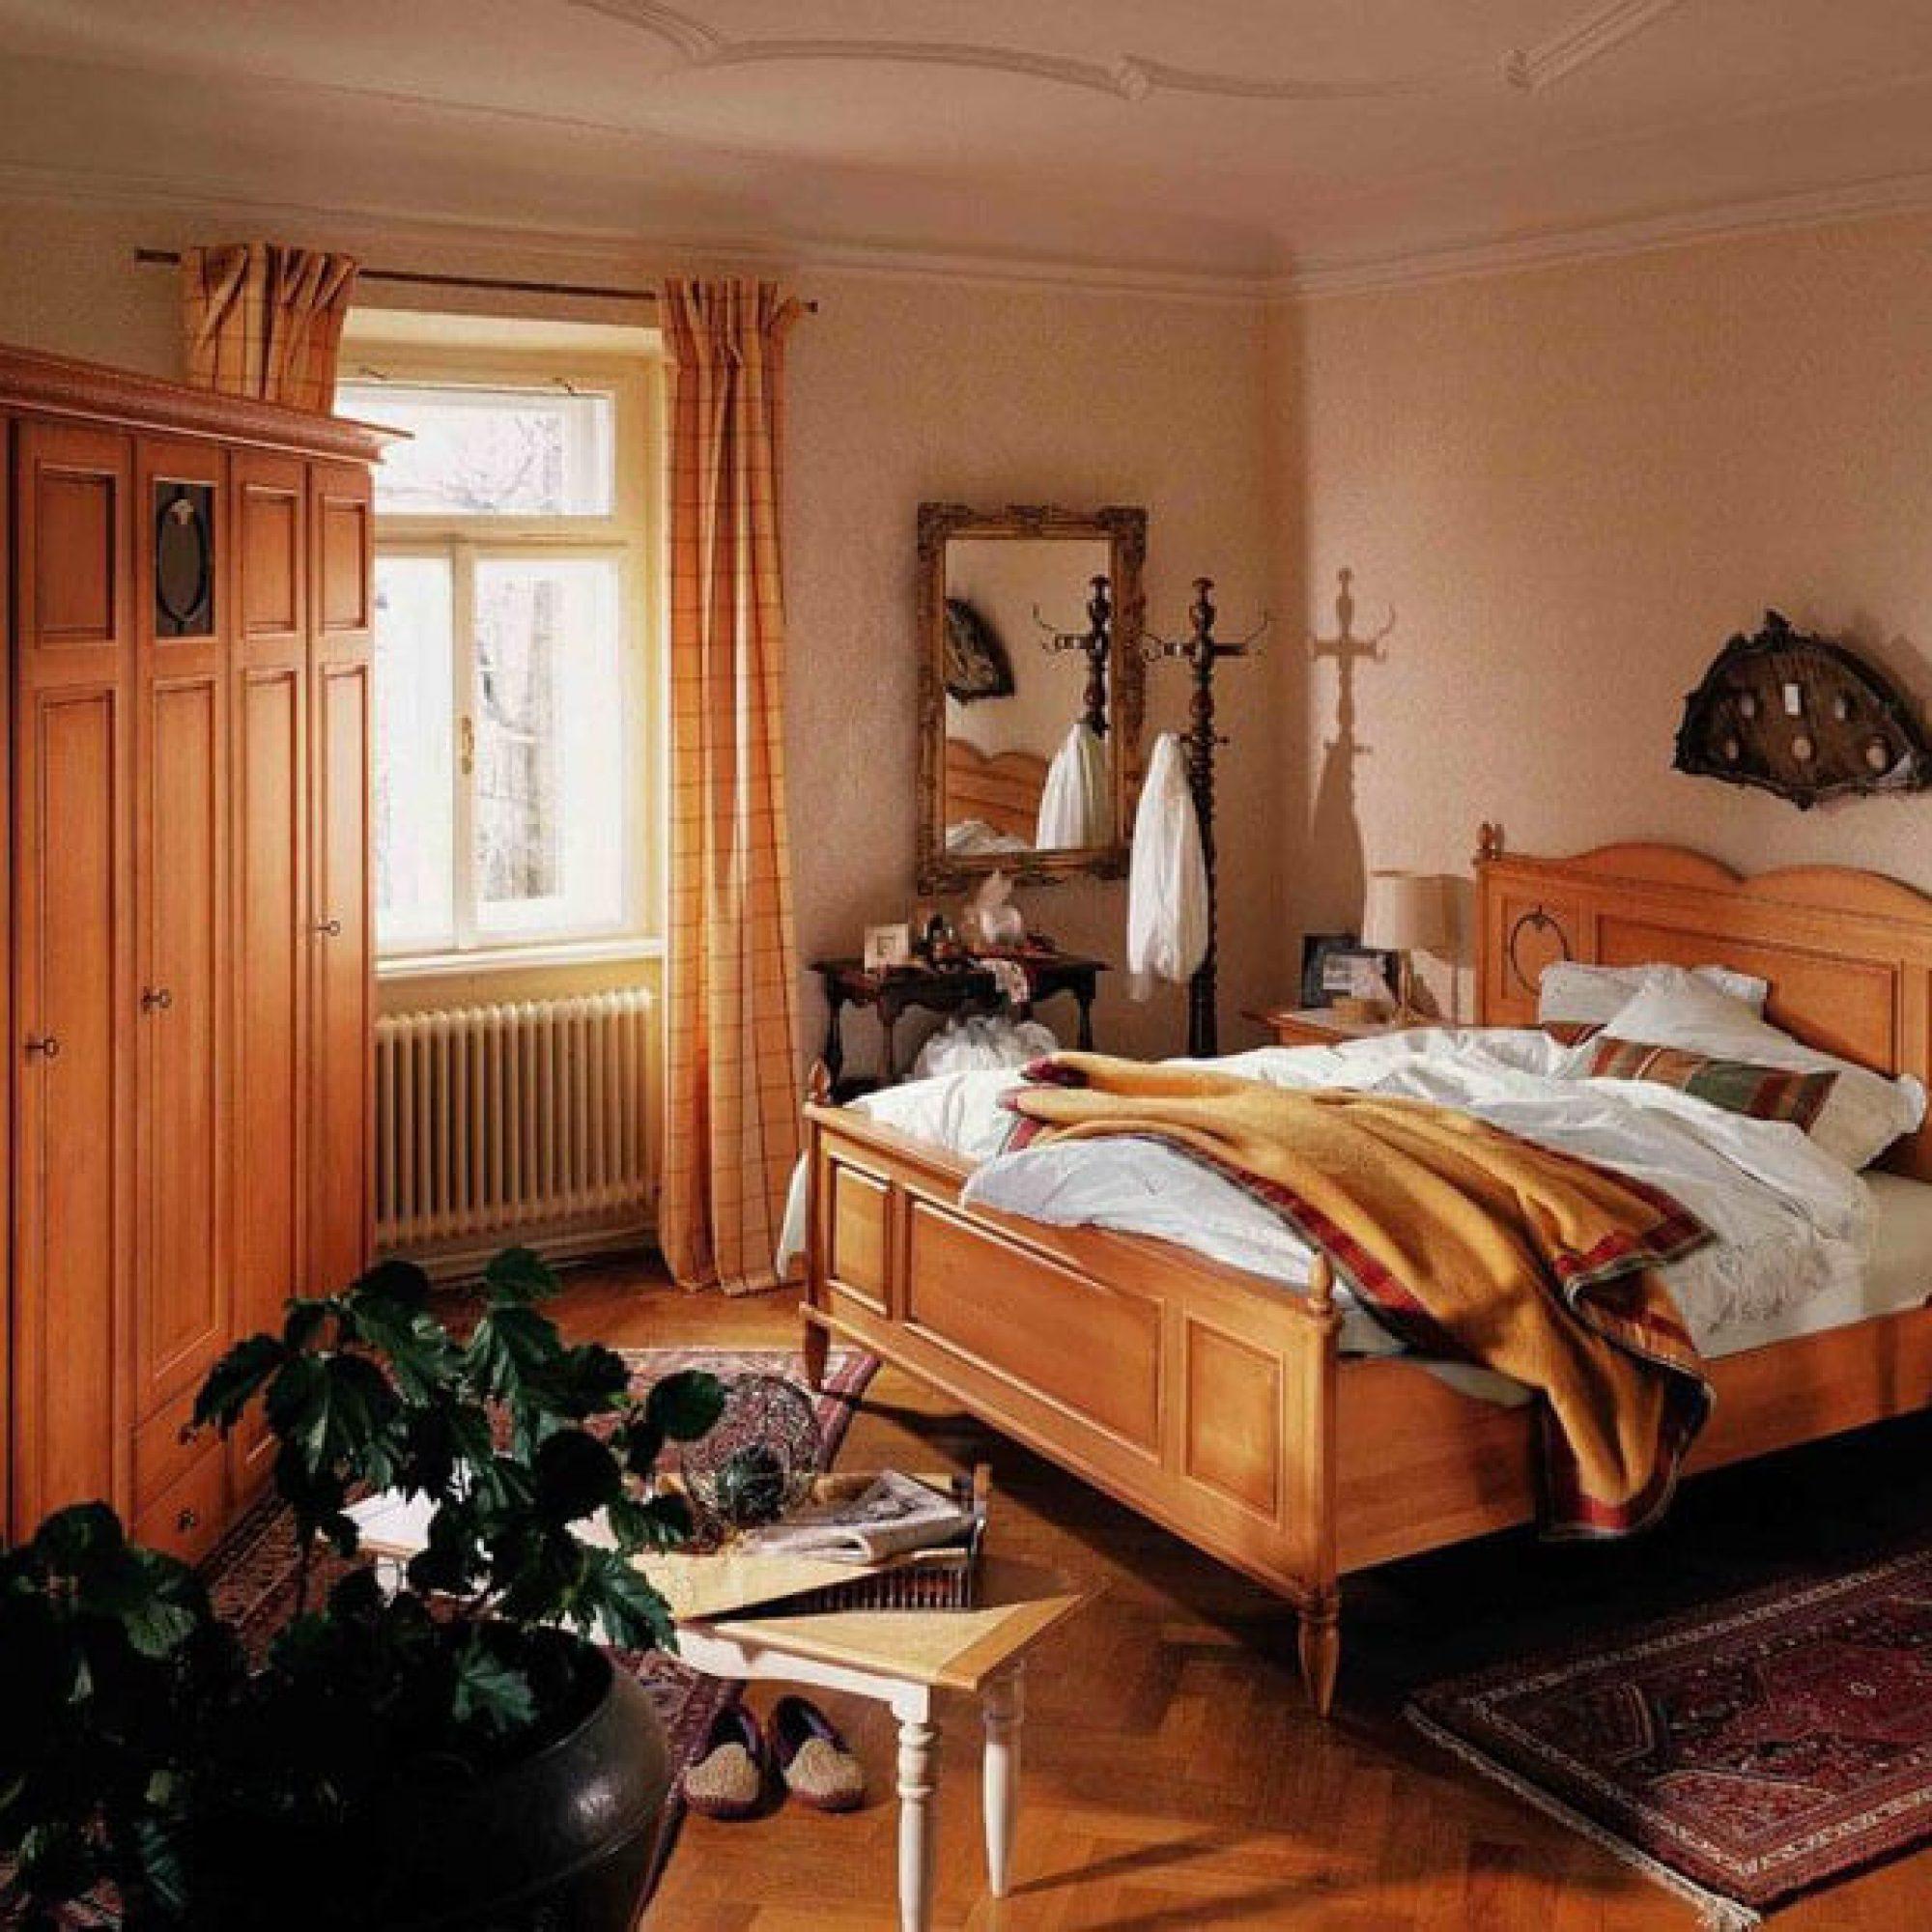 freudenreich-wohnstudio-brader-schlafen13914966961